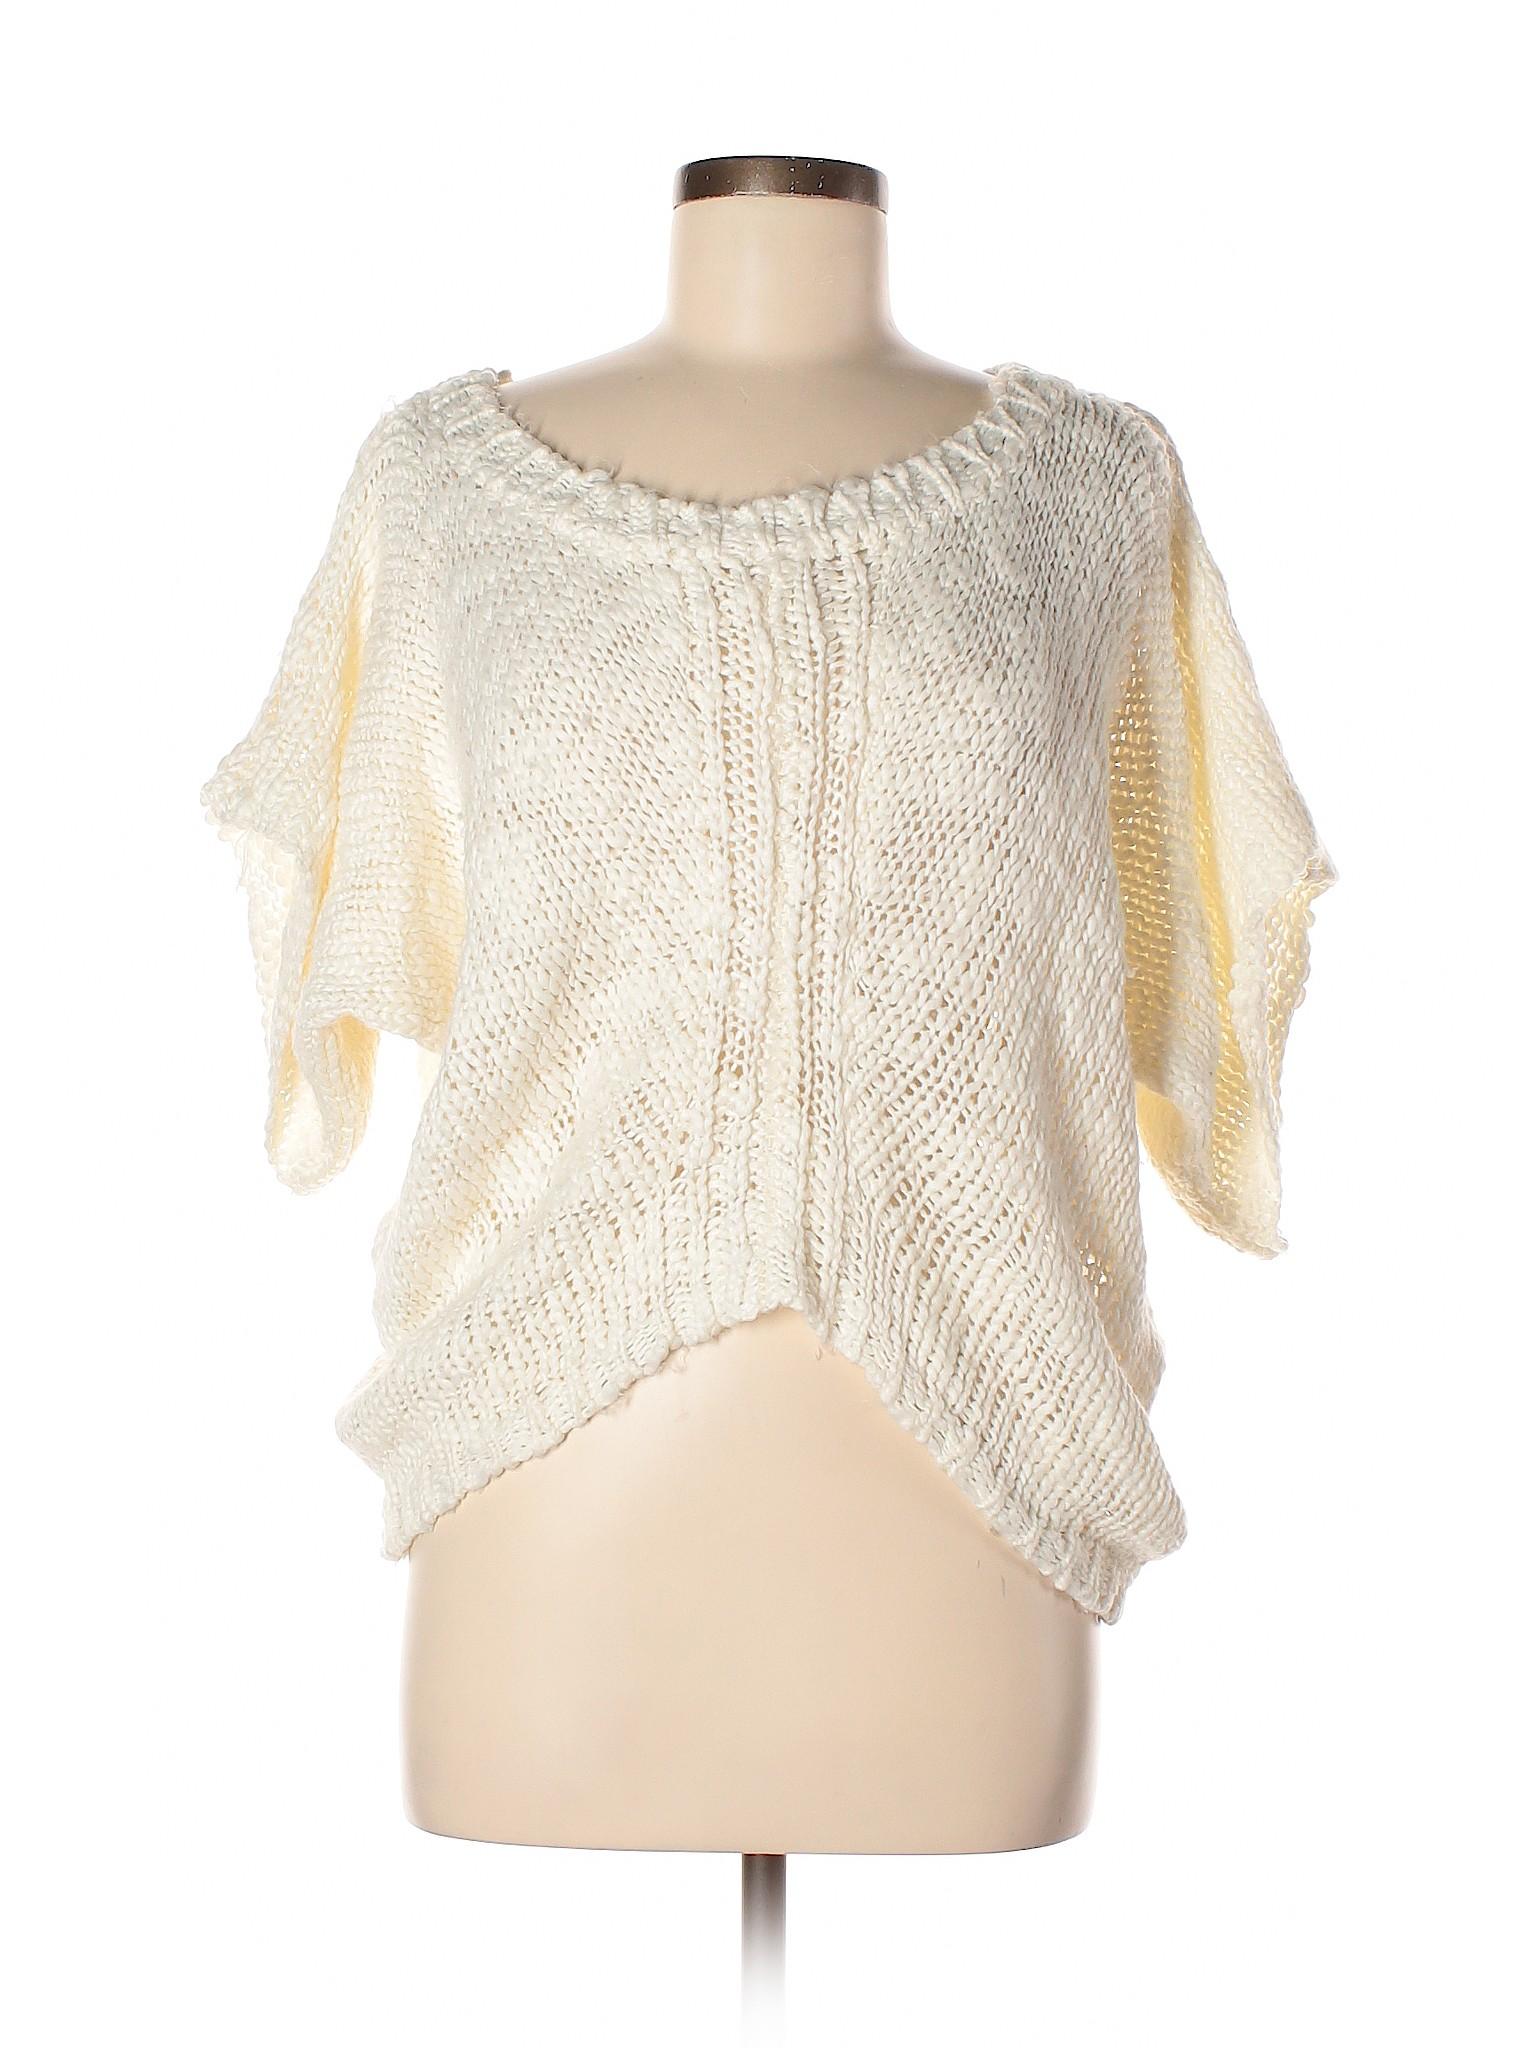 Jessica winter Pullover Boutique Sweater Simpson 8PpAnOxq